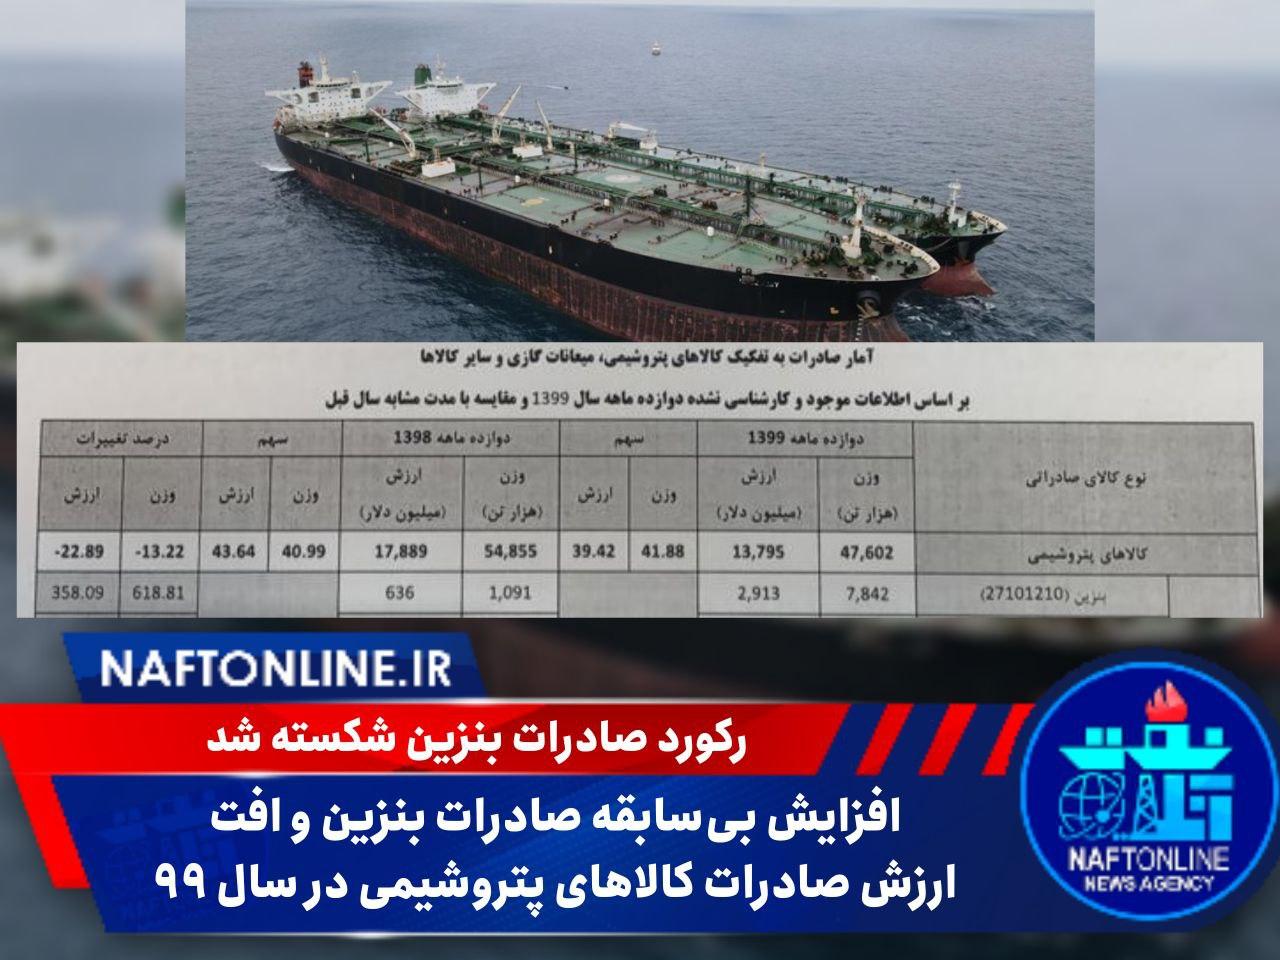 افزایش صادرات بنزین ایران   نفت آنلاین